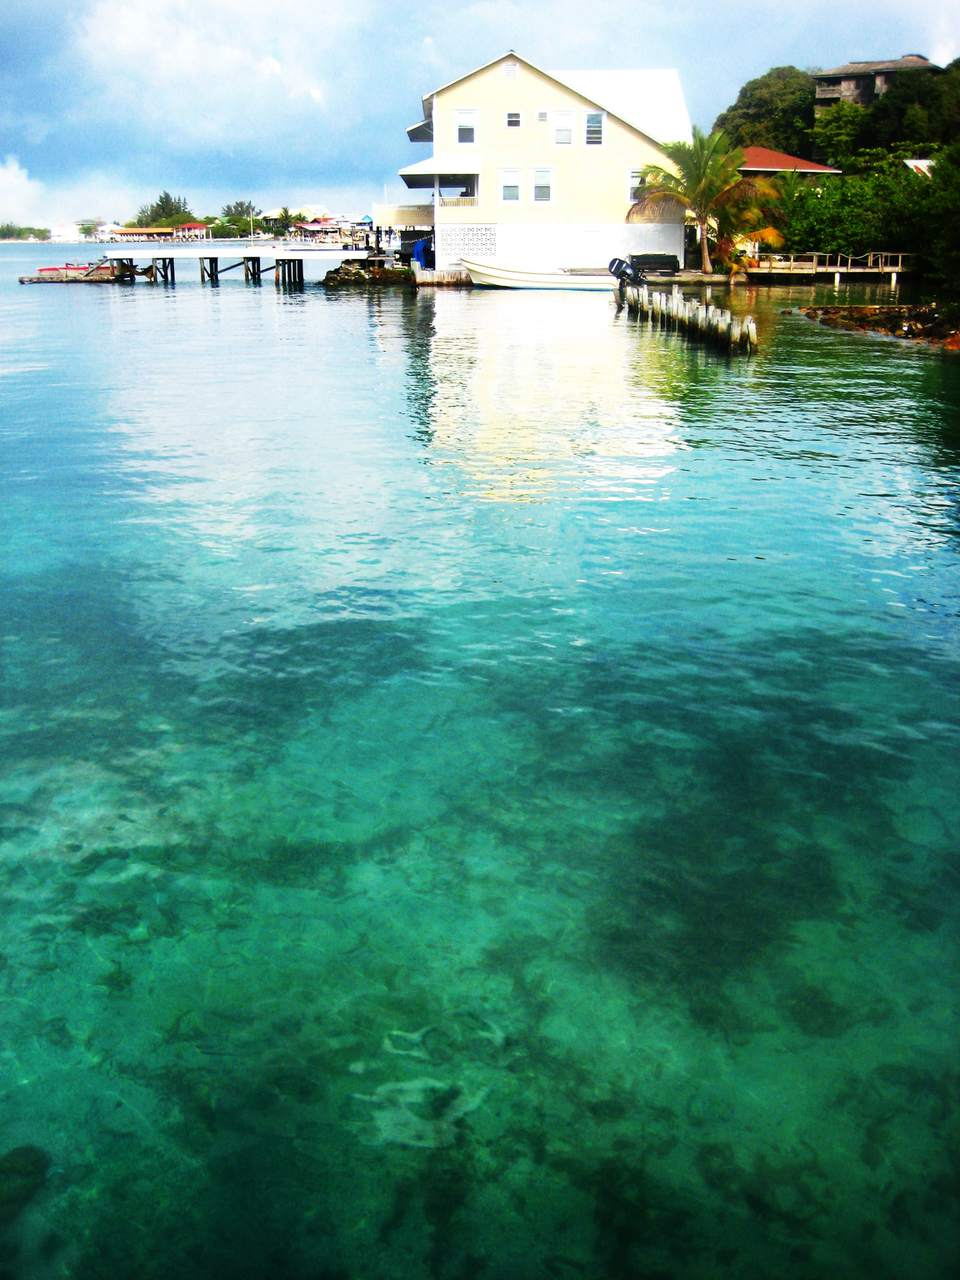 Una casa en el agua en la isla de Utila